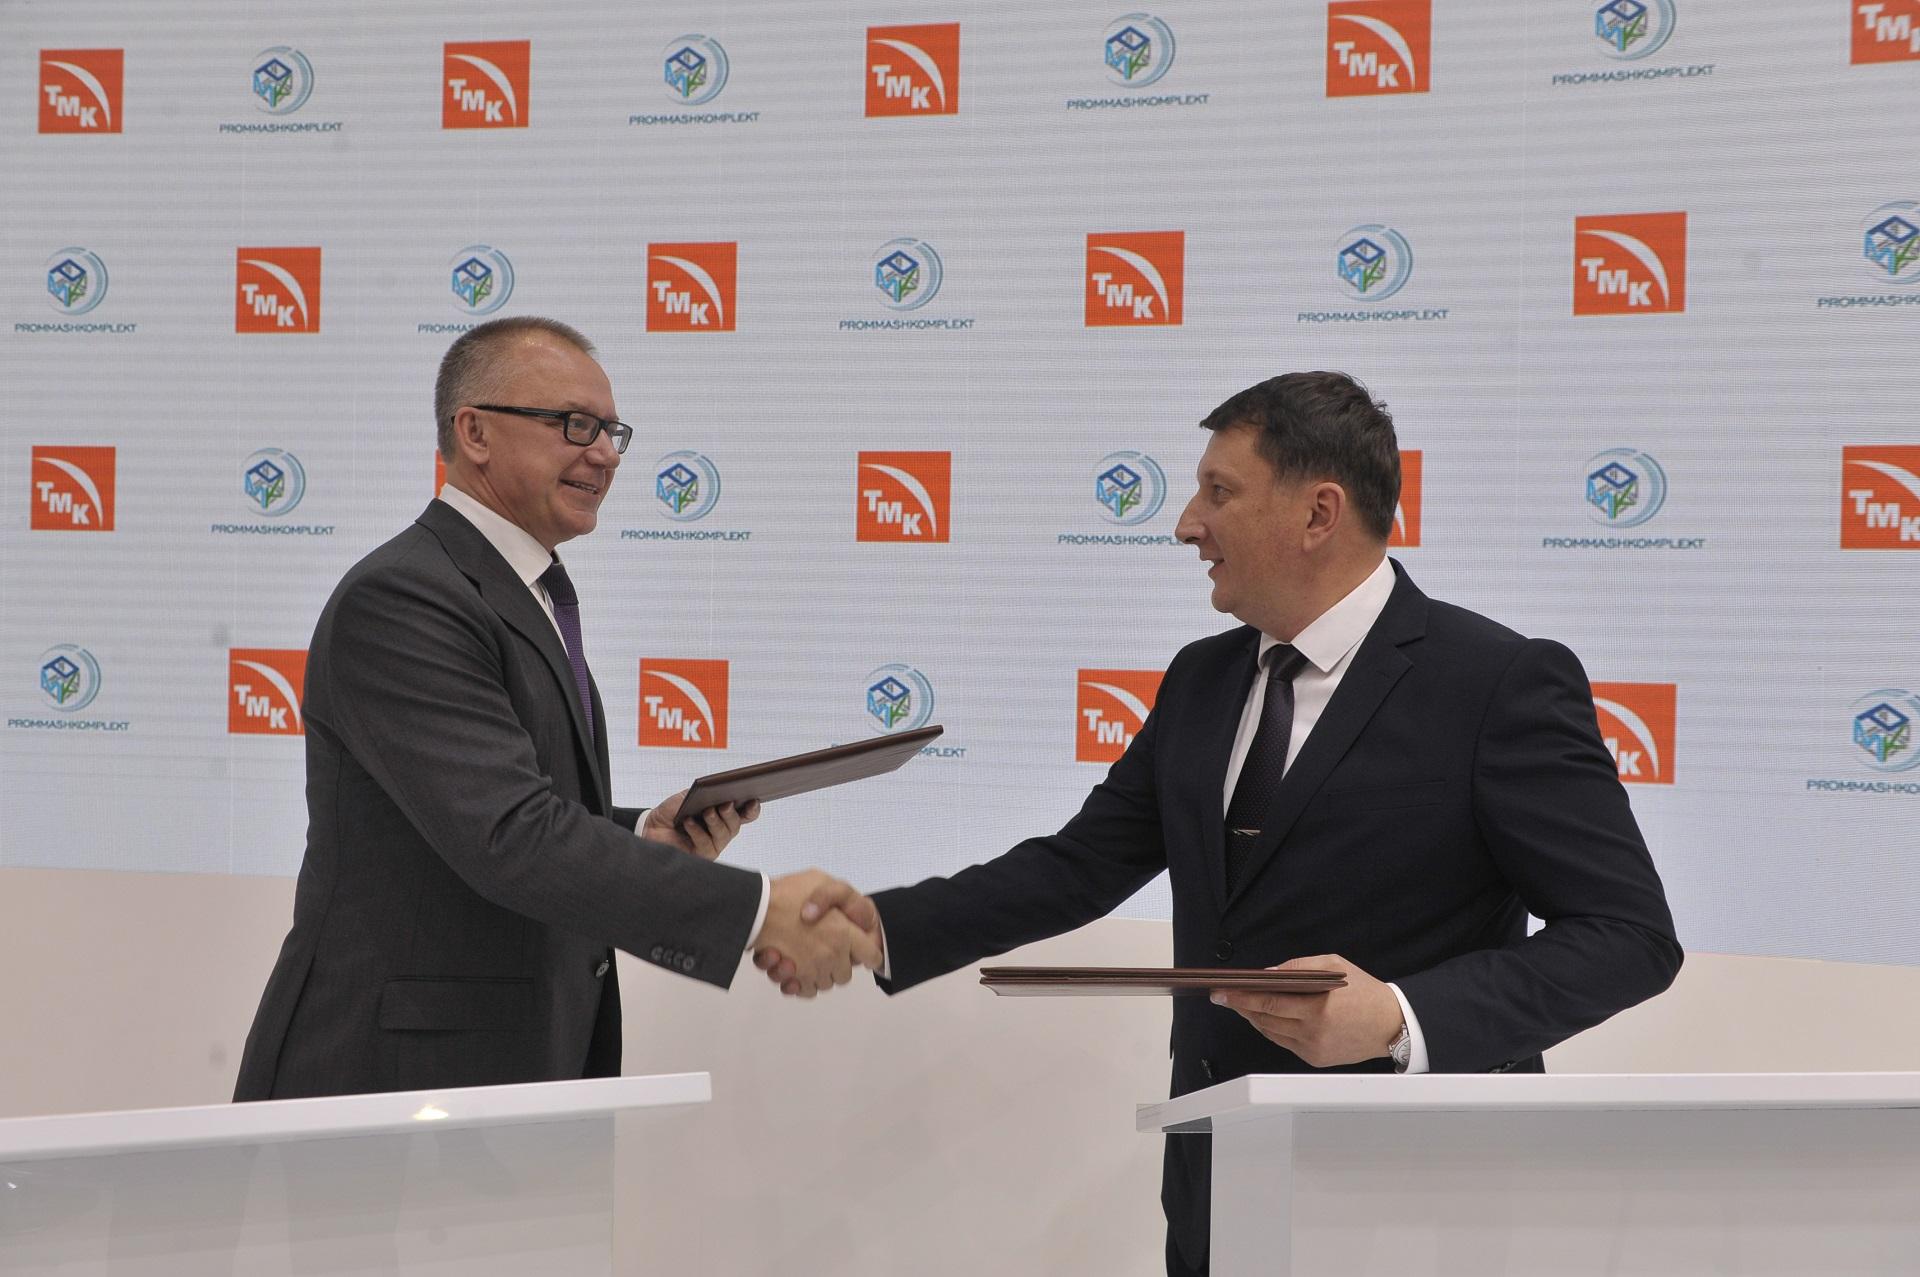 ТМК подписала соглашение на поставку в Казахстан круглой непрерывнолитой заготовки